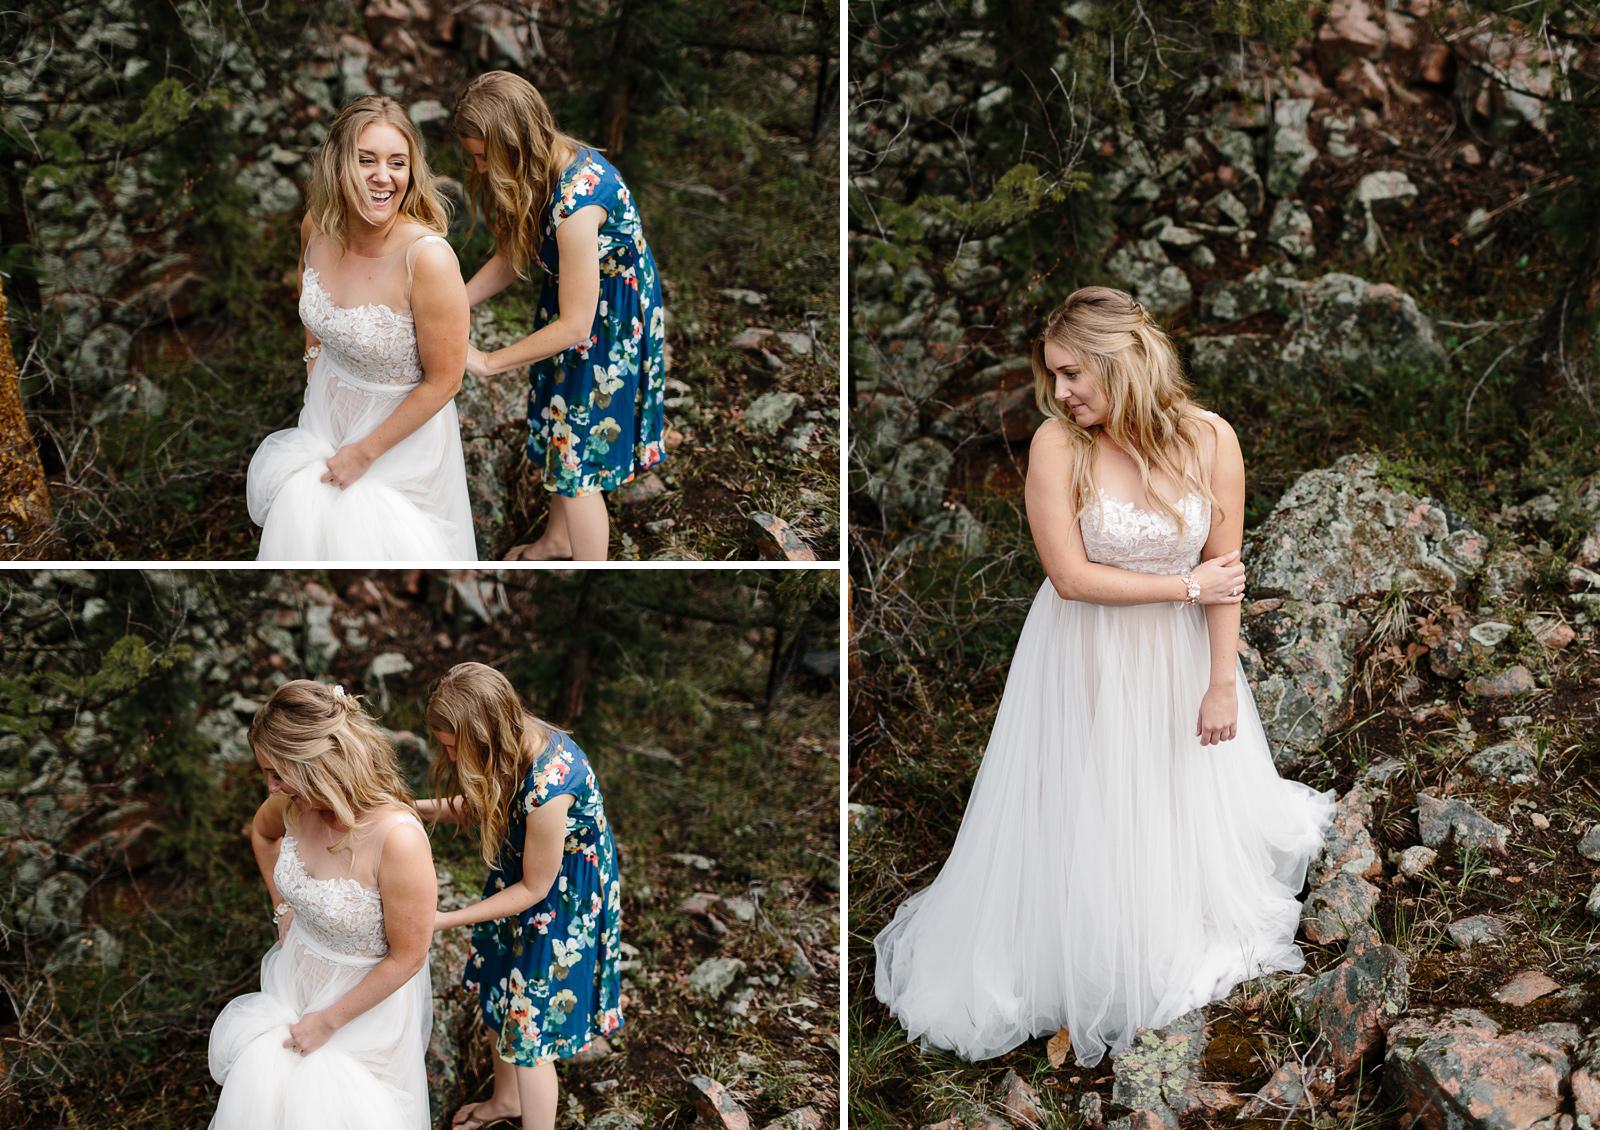 019-vail-elopement-photographer-chris-and-tara.jpg